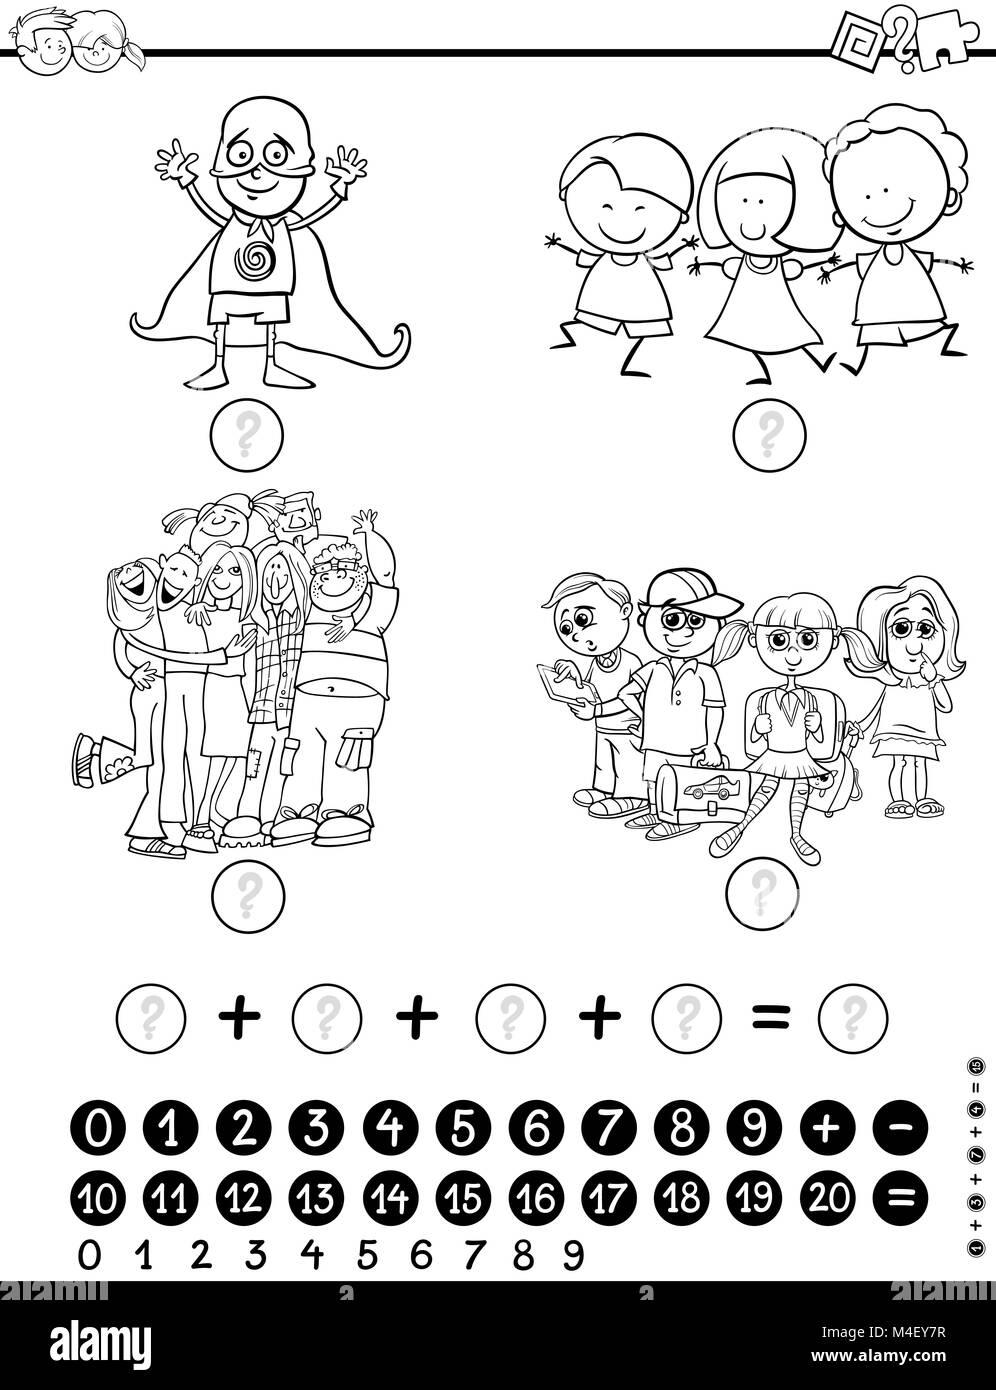 Actividad De Matemáticas Para Colorear Foto Imagen De Stock